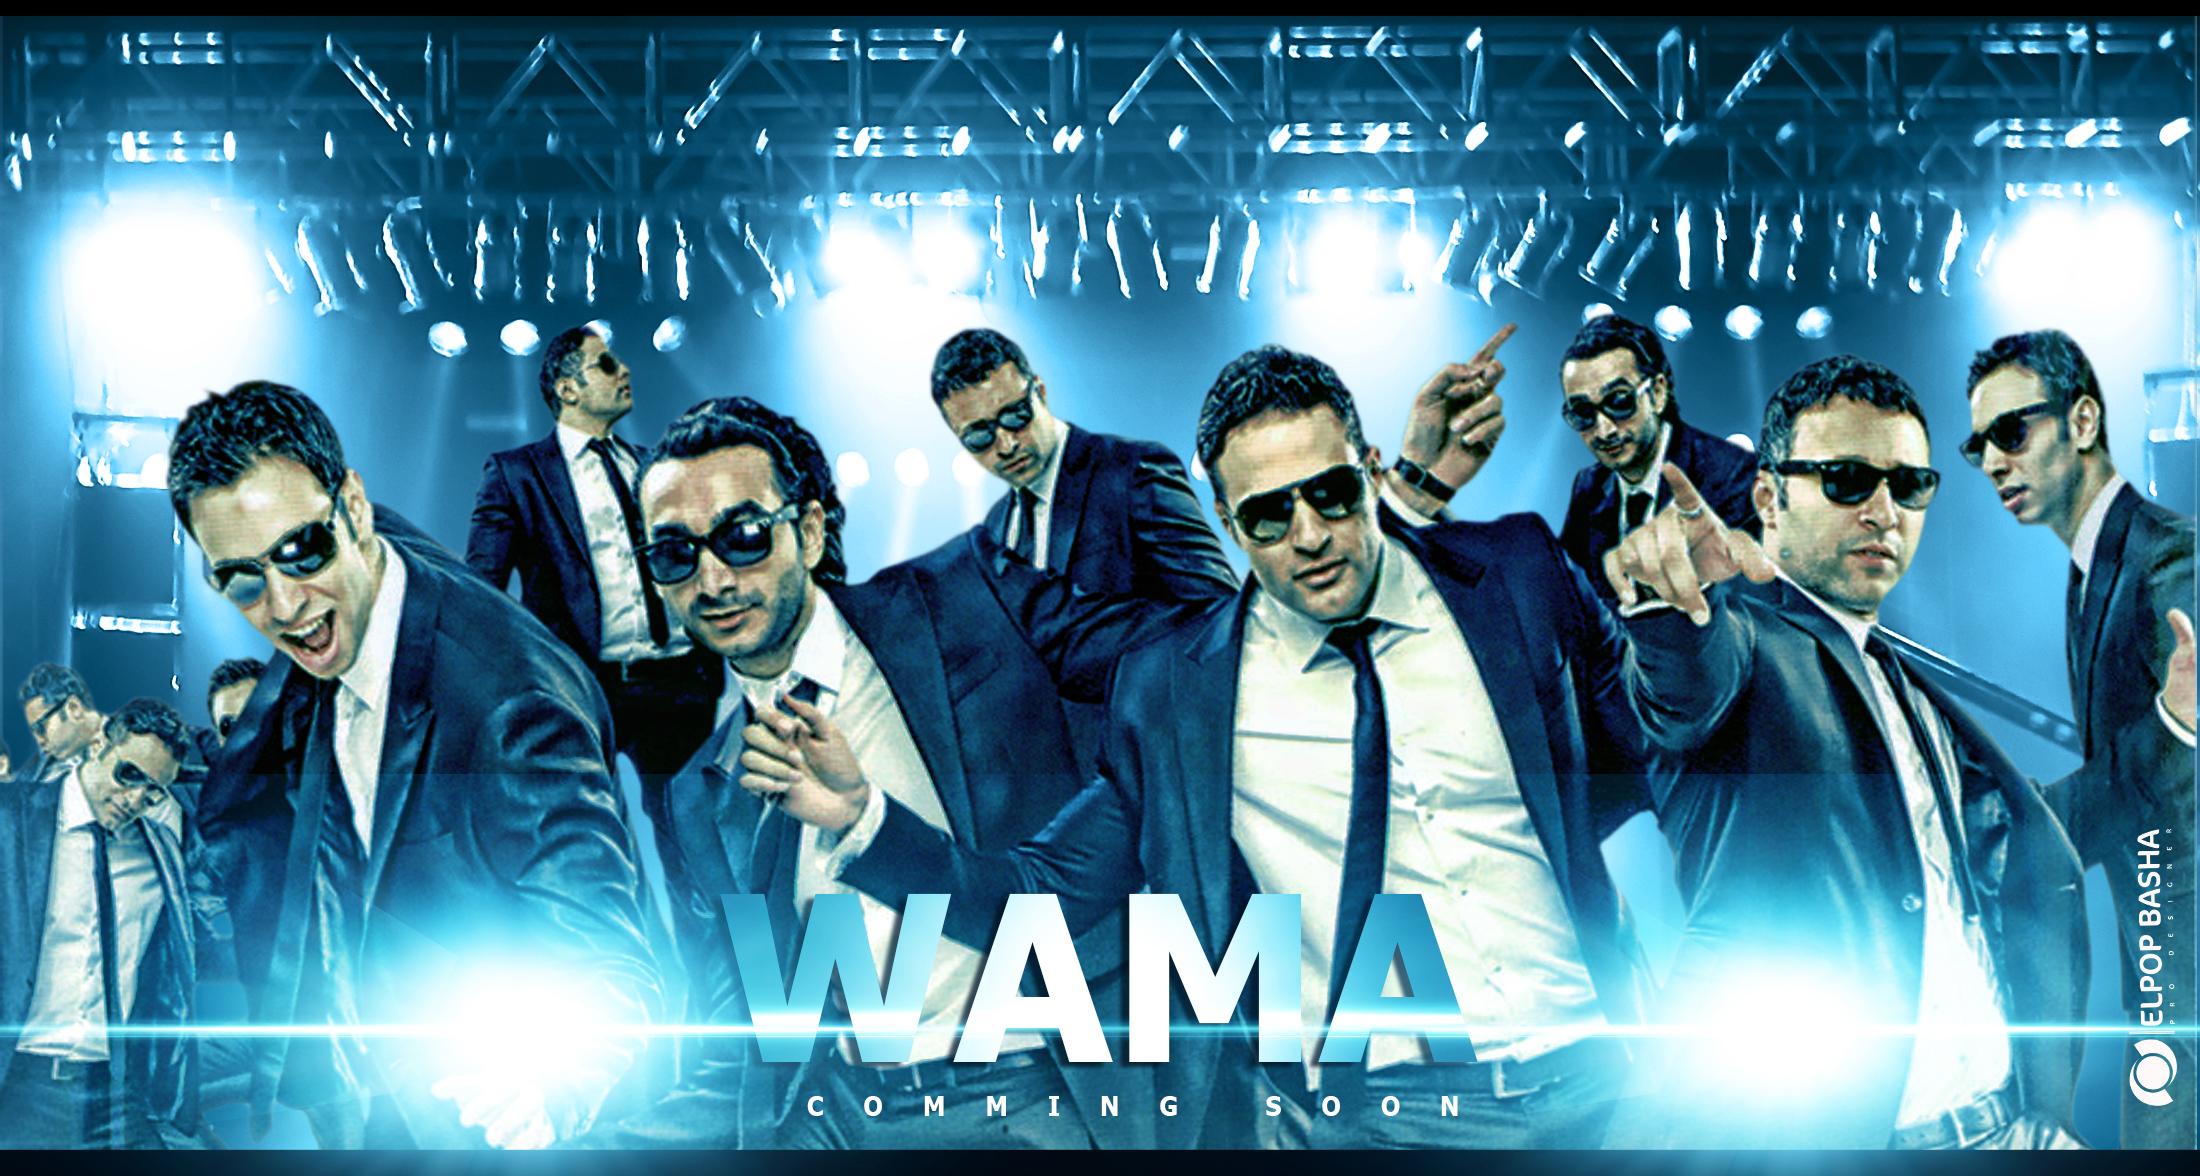 wama soon by elpop basha on wama soon by elpop basha